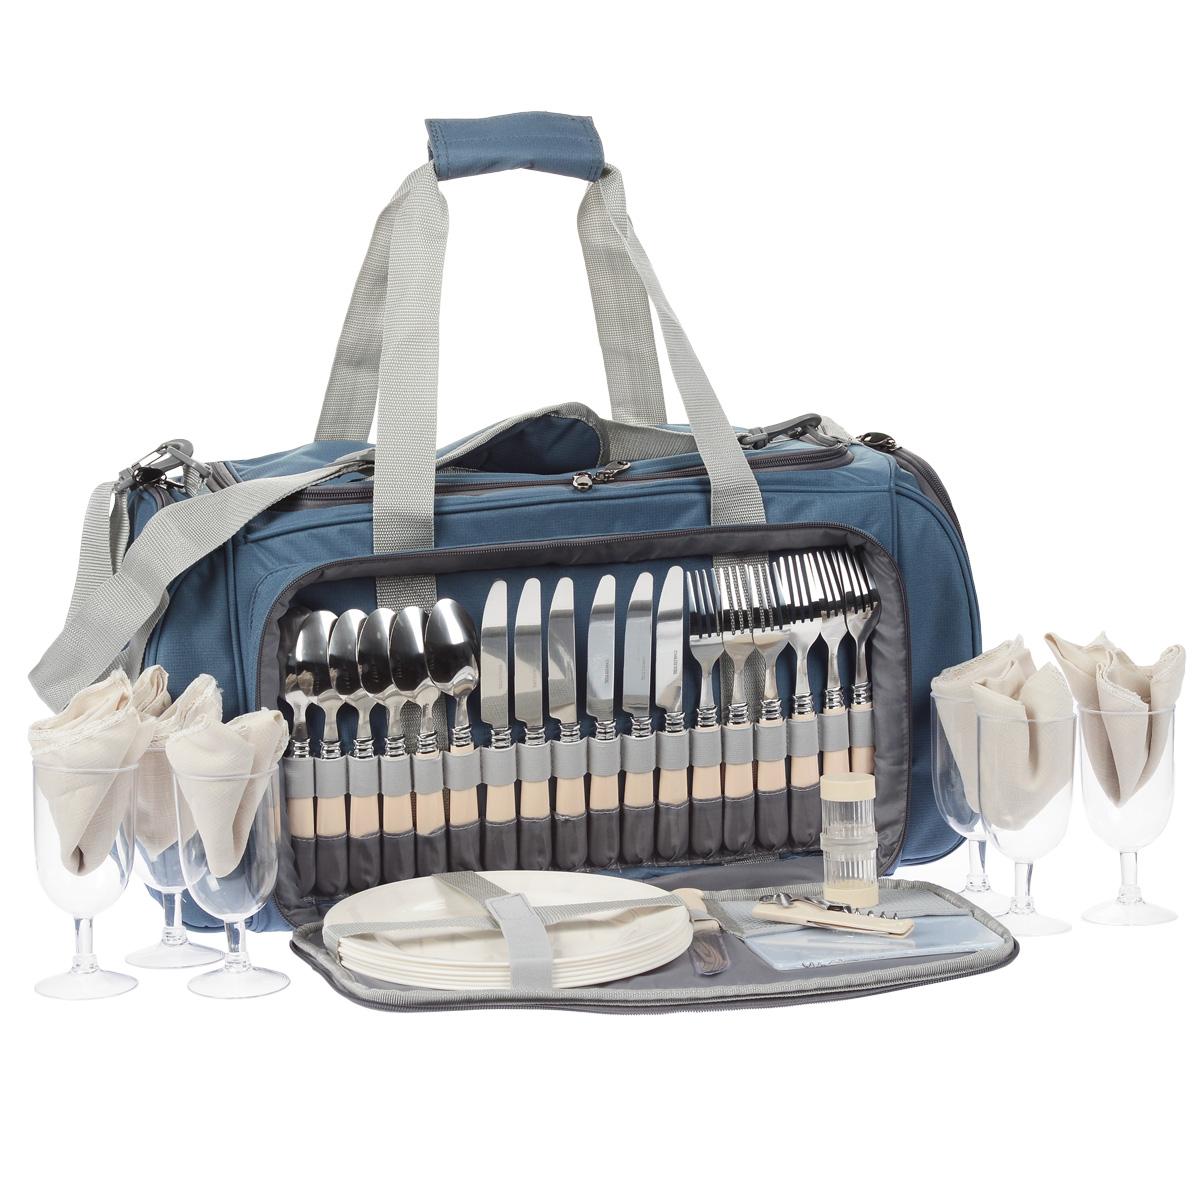 Термосумка Norfin Forssa, с посудой, цвет: голубой, серый, 57 см х 30 см х 29 смNFL-40107Сумка Norfin Vardo с набором для пикника на 6 персон и с легкомоющимся термоотделением для продуктов объемом 28 л. Сумка оснащена двойными ручками и регулируемым по длине наплечным ремнем. В комплект входит посуда и принадлежности для пикника: 6 ложек. 6 вилок. 6 ножей 6 тарелок. 6 бокалов. 6 тканевых салфеток. Разделочная доска. Открывалка-штопор. Солонка двухсекционная. Нож сырный. Длина ножей: 21 см. Длина вилок: 20 см. Длина ложек: 19 см. Диаметр тарелок: 23,5 см. Высота тарелок: 2 см. Диаметр бокалов: 6,5 см. Высота бокалов: 14 см. Размер салфеток: 34 см х 34 см. Размер разделочной доски: 18 см х 15 см. Длина открывалки-штопора: 11 см. Диаметр солонки: 3,5 см. Высота солонки: 8 см. Длина сырного ножа: 21 см. Размер сумки: 57 см х 30 см х 29 см.